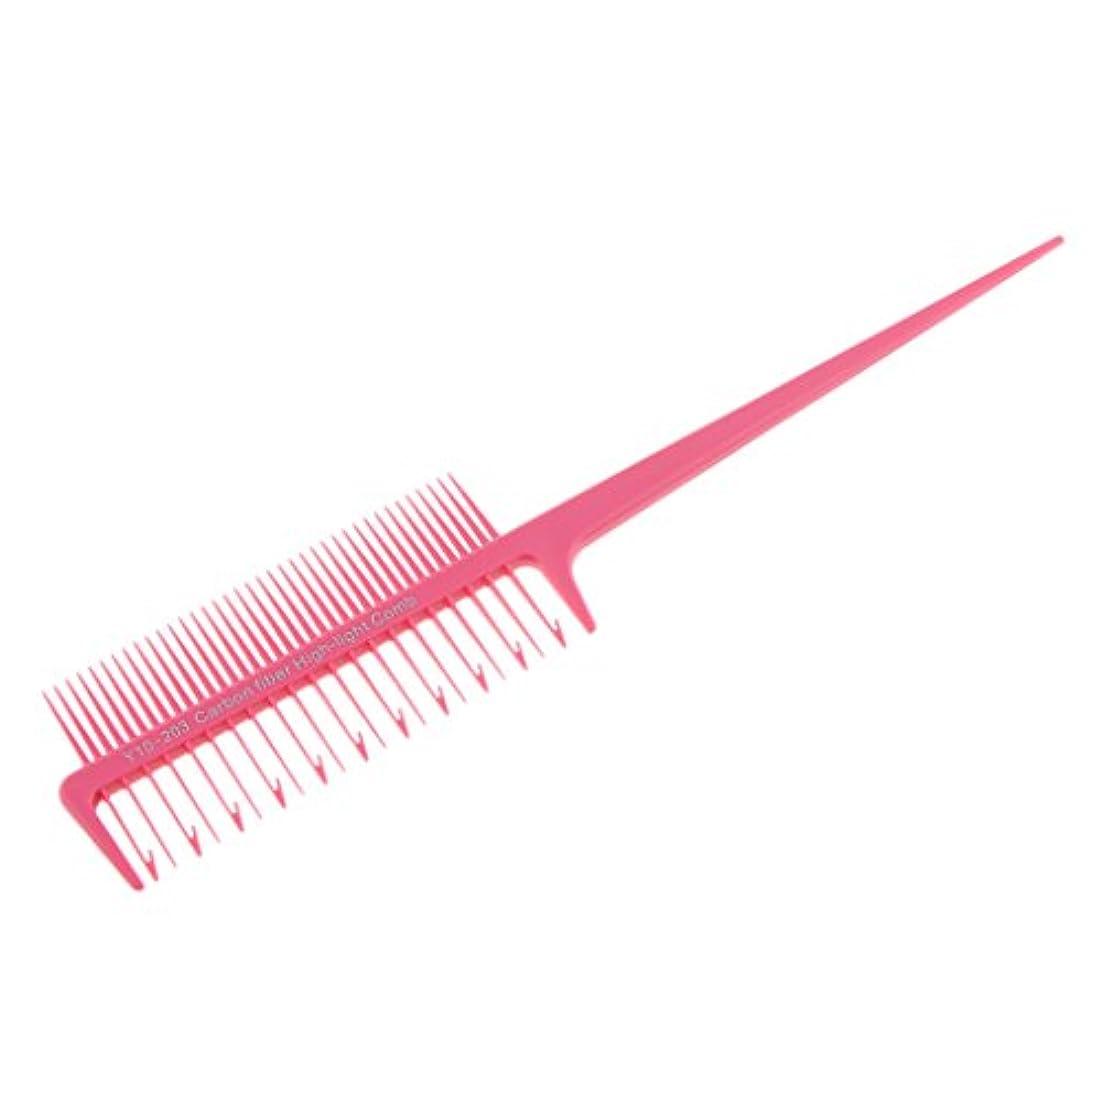 センチメンタルドーム知事2ウェイサロンスタイリングマイクロブライディングセクショニング織りハイライトハイライトくし4色プラスチックを選択する - ピンク